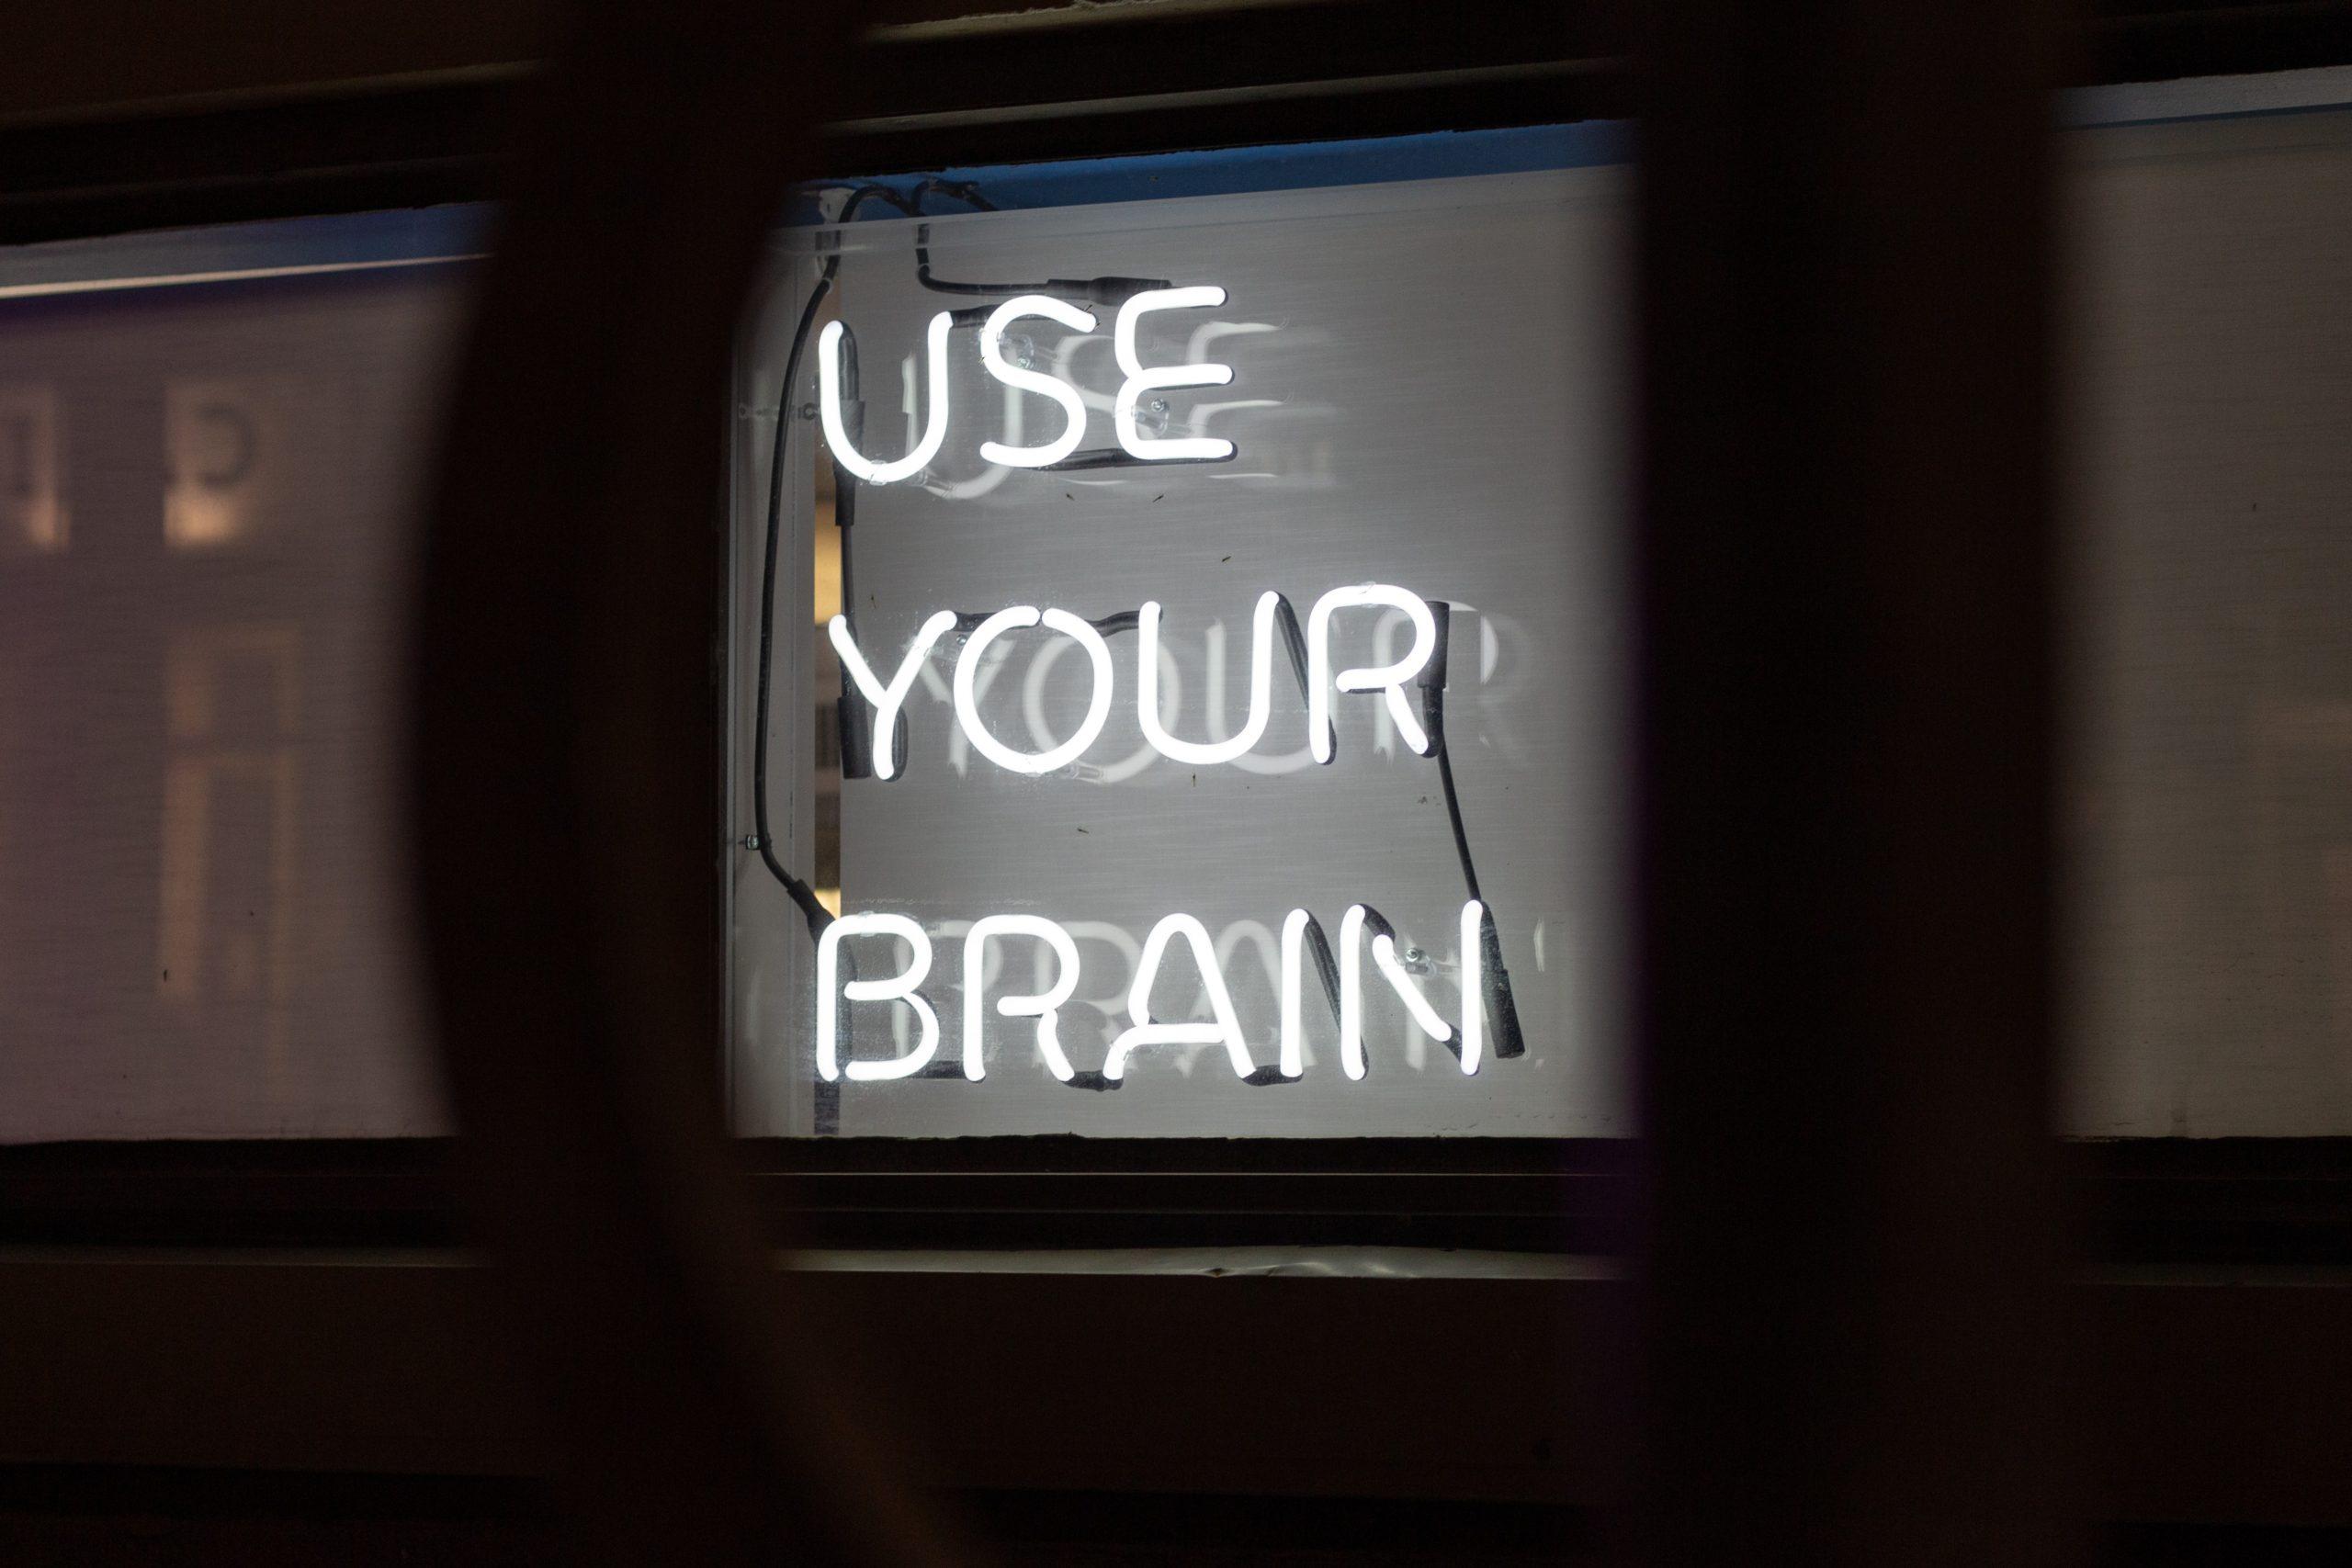 jesse martini Iod3vdjKE1E unsplash scaled - Neuromarketing: quando la pubblicità ti legge nel pensiero